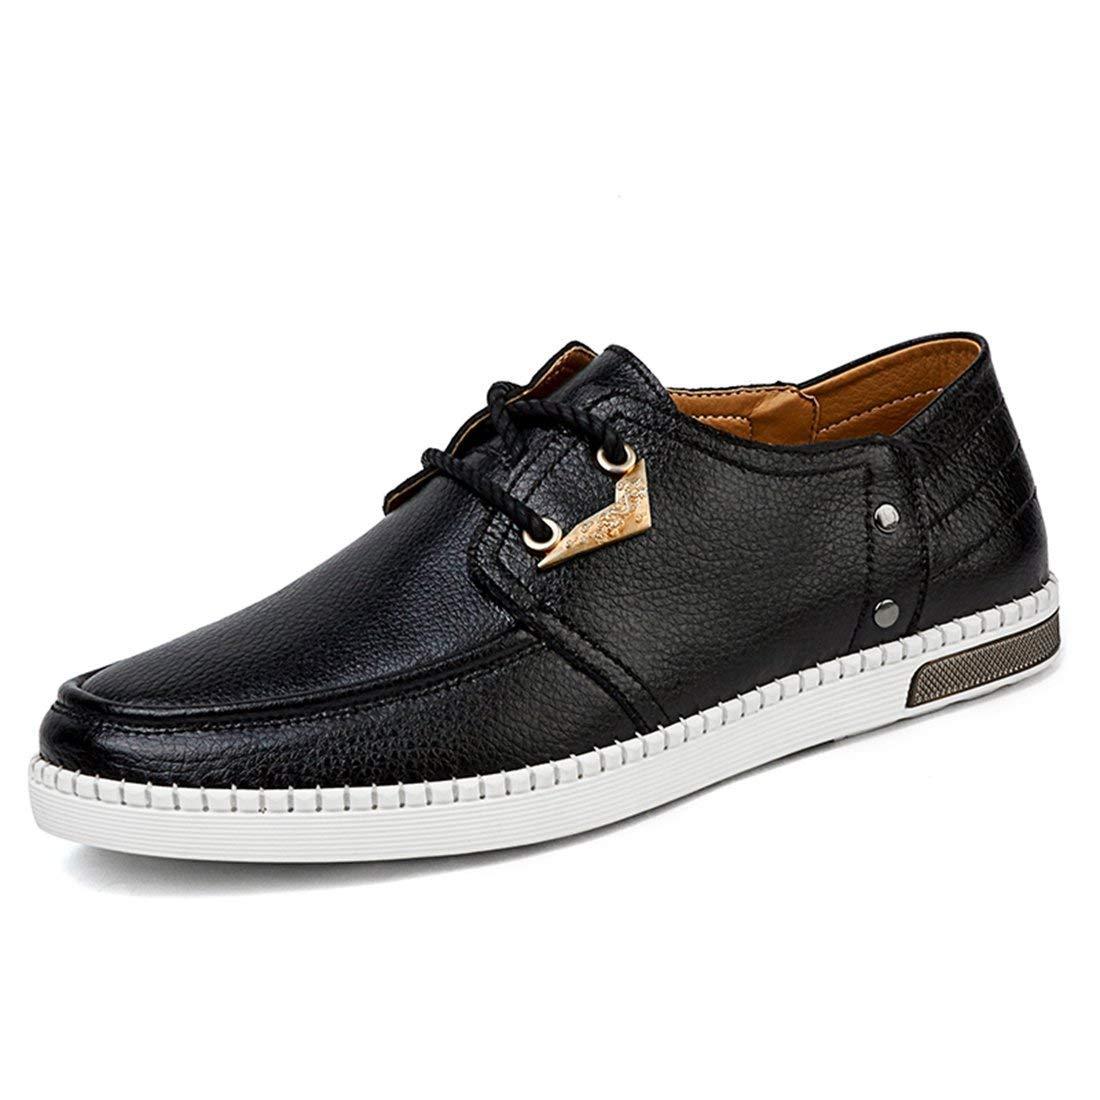 HhGold HhGold HhGold Jungen Männer stilvolle Stitched schwarz Daily Fashion Turnschuhe UK 8.5 (Farbe   -, Größe   -) 88d91c